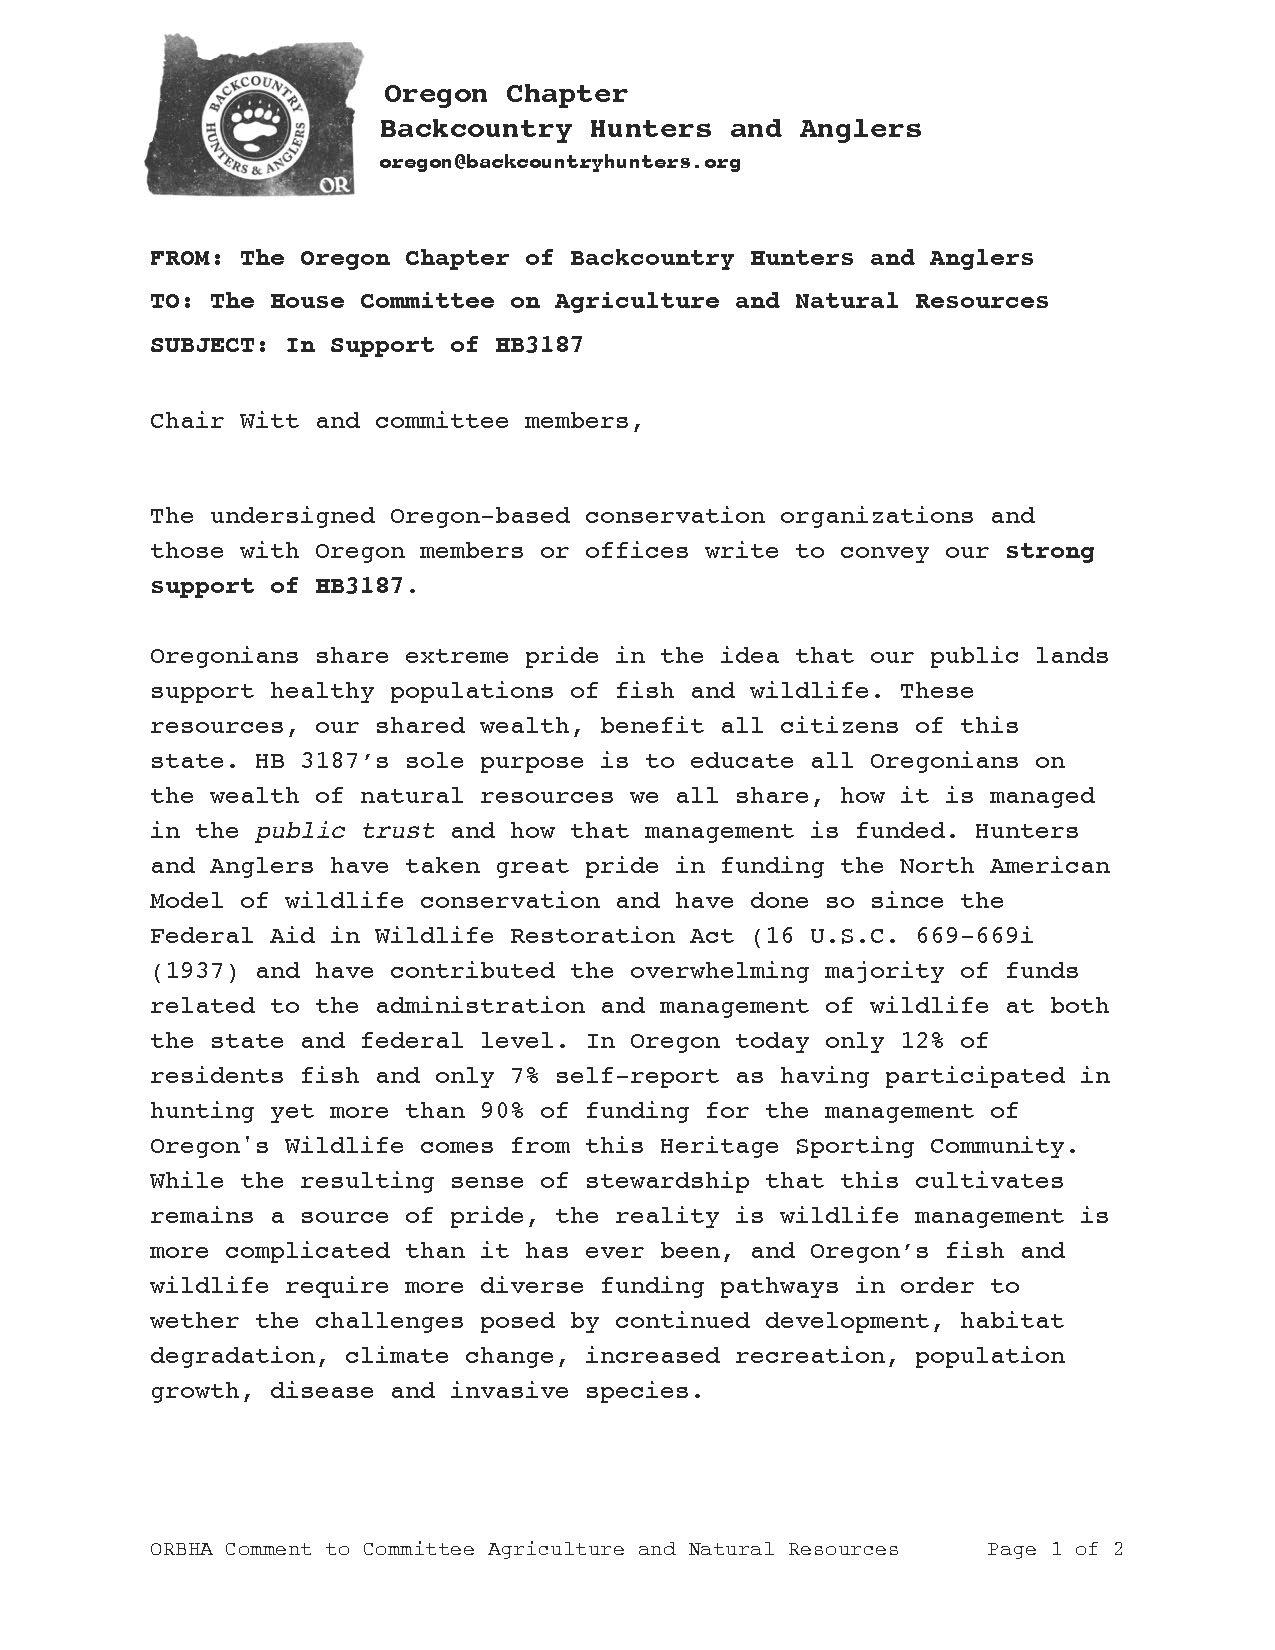 ORBHA_Legislative_Letter_HB3187_2021_Page_1.jpg